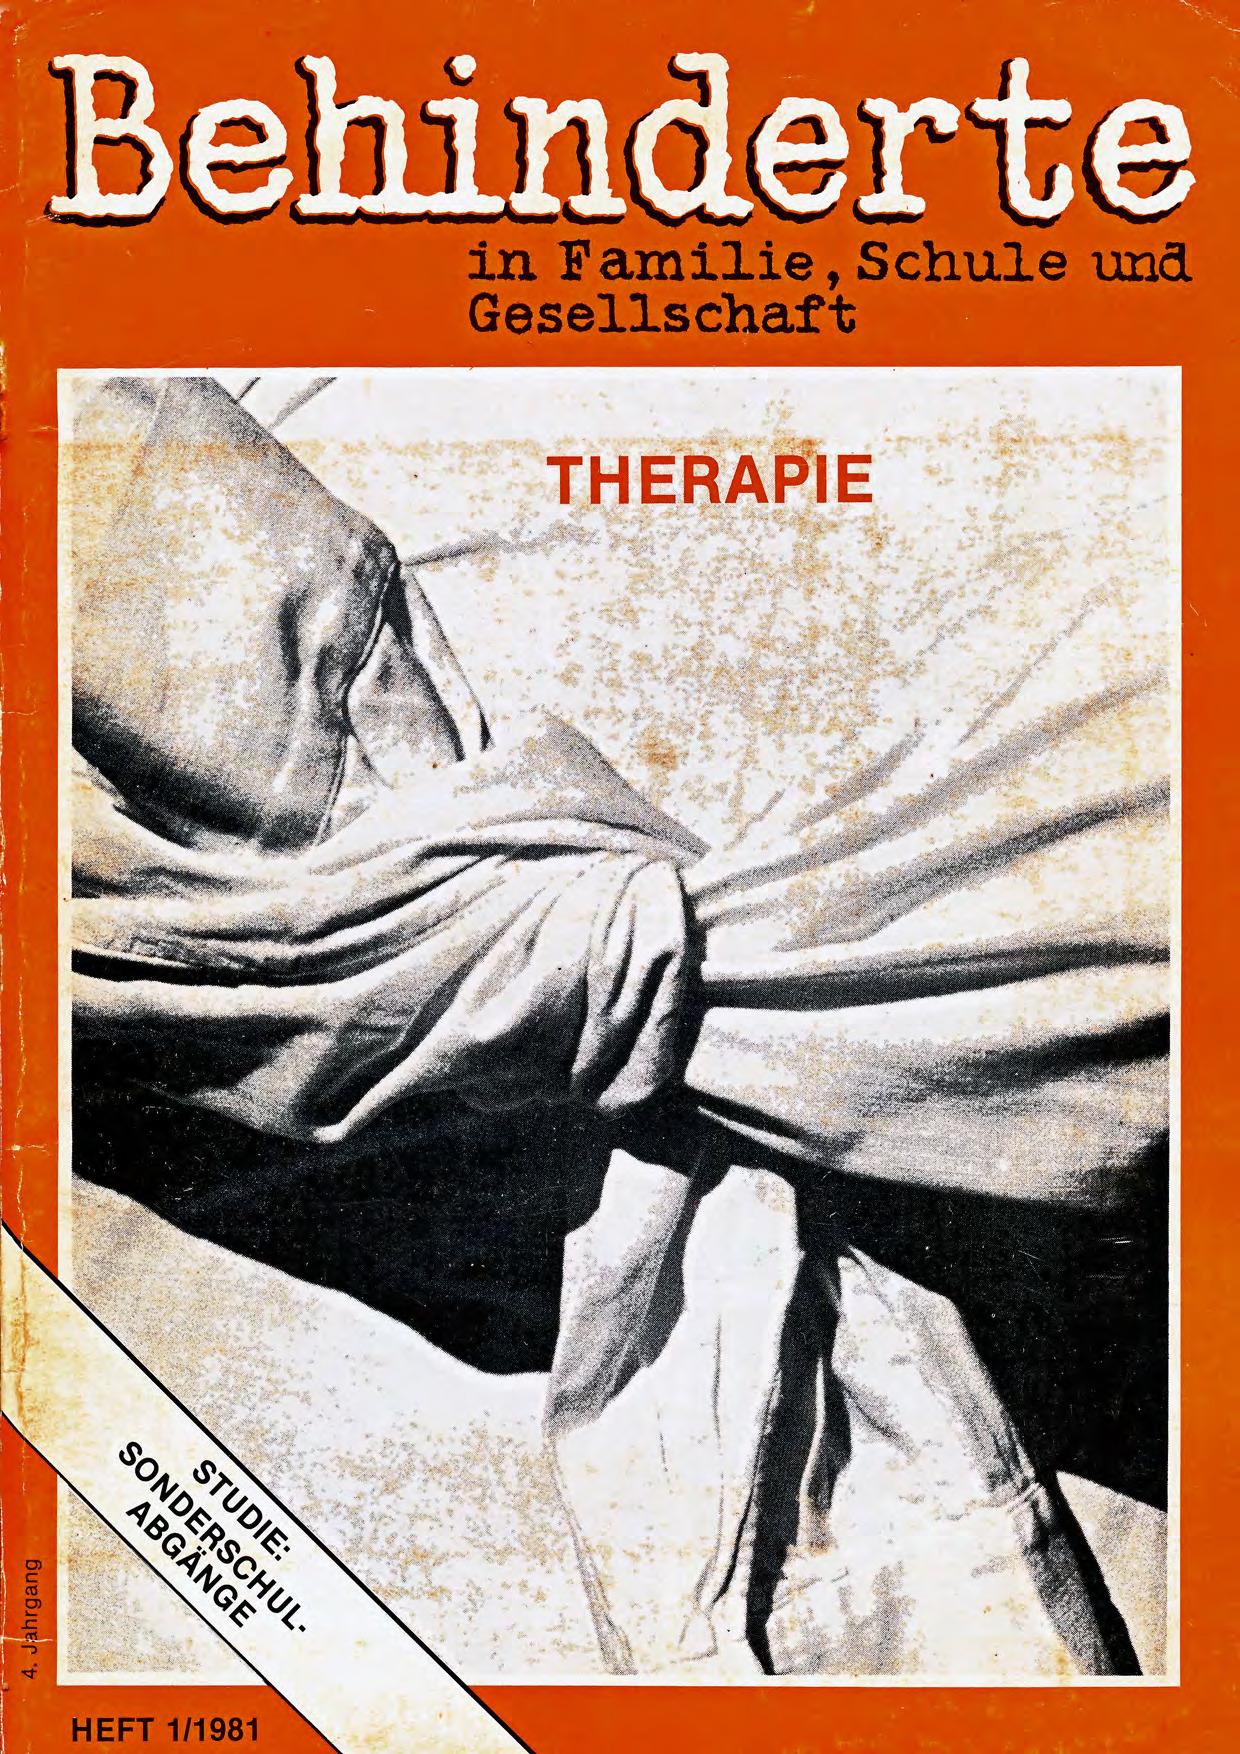 """Titelbild der Zeitschrift BEHINDERTE MENSCHEN, Ausgabe 1/1981 """"Therapie"""""""